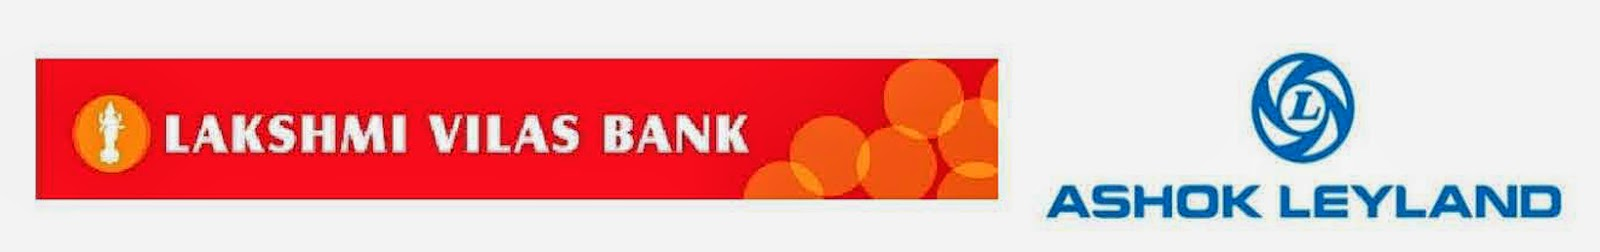 Lakshmi Vilas Bank Logo And Lakshmi Vilas Bank